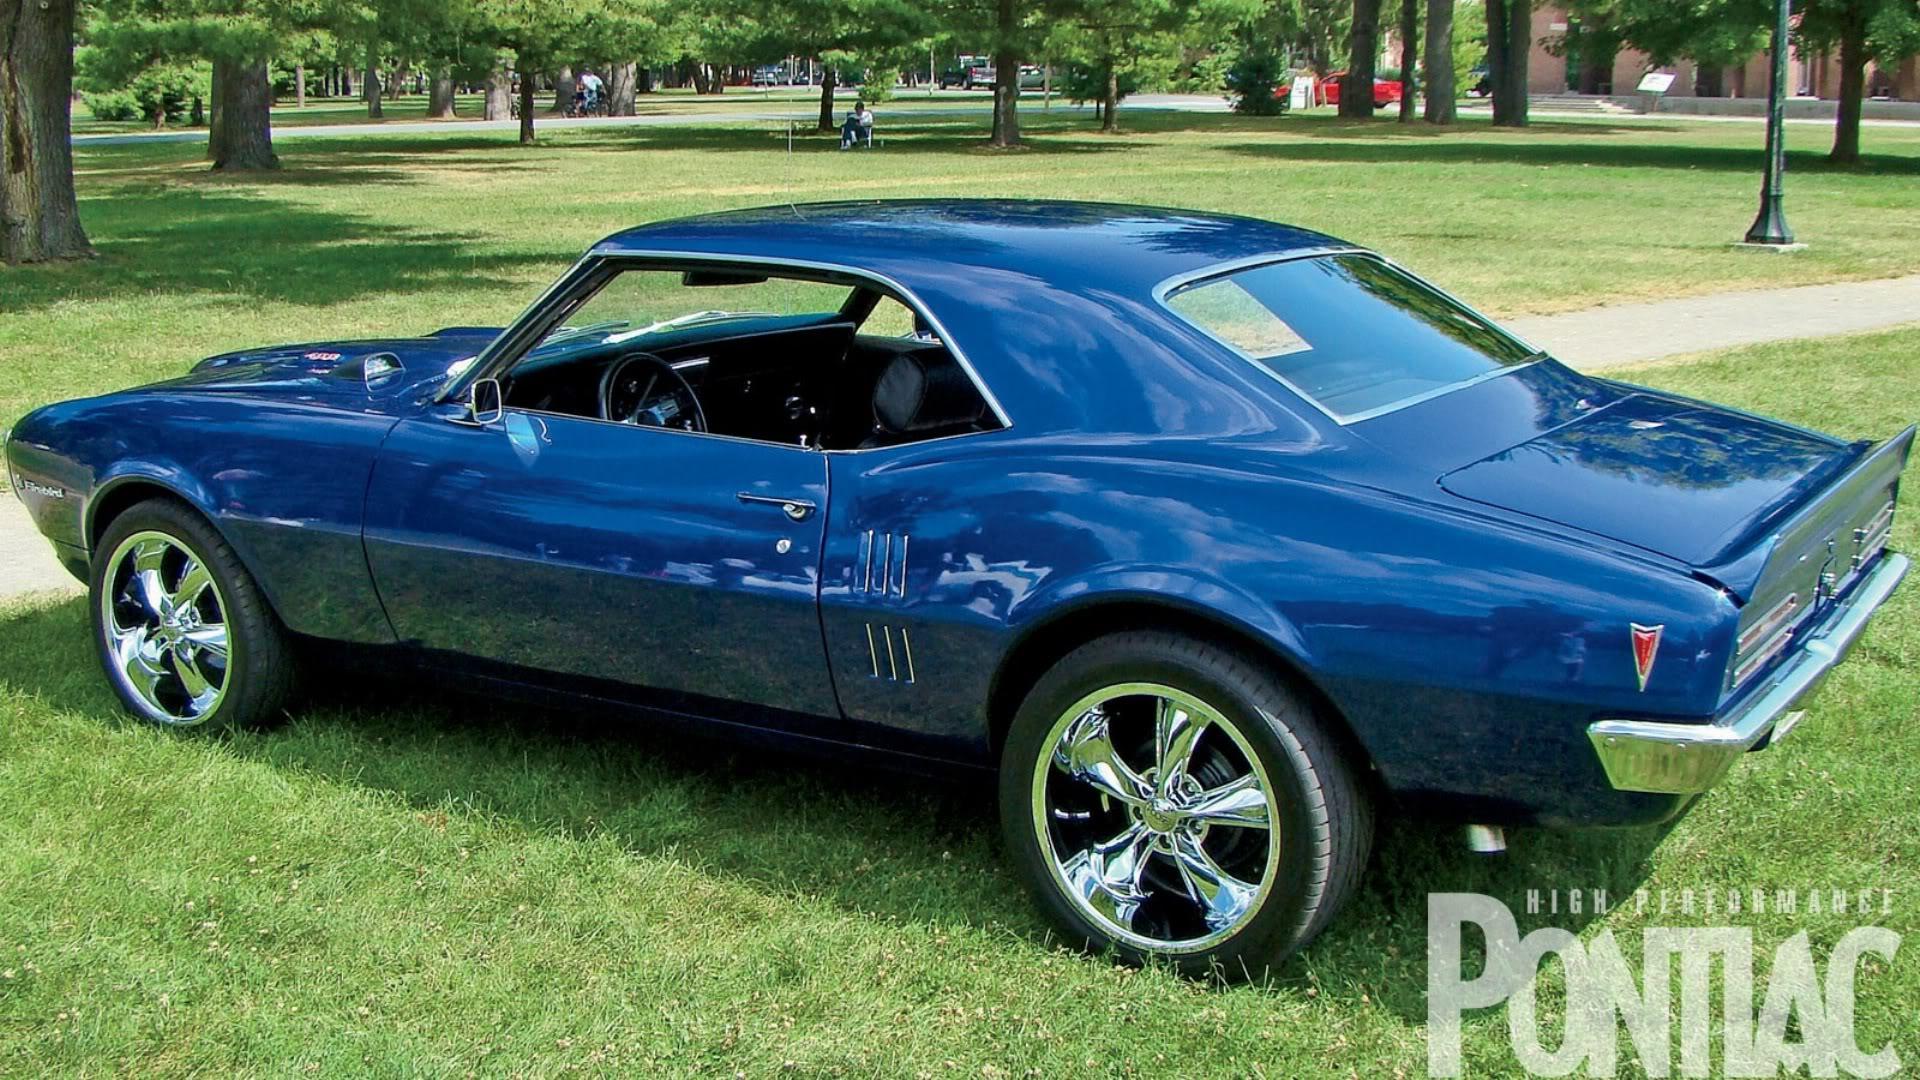 1968 Mag Blue Pontiac Firebird wallpaper background 1920x1080